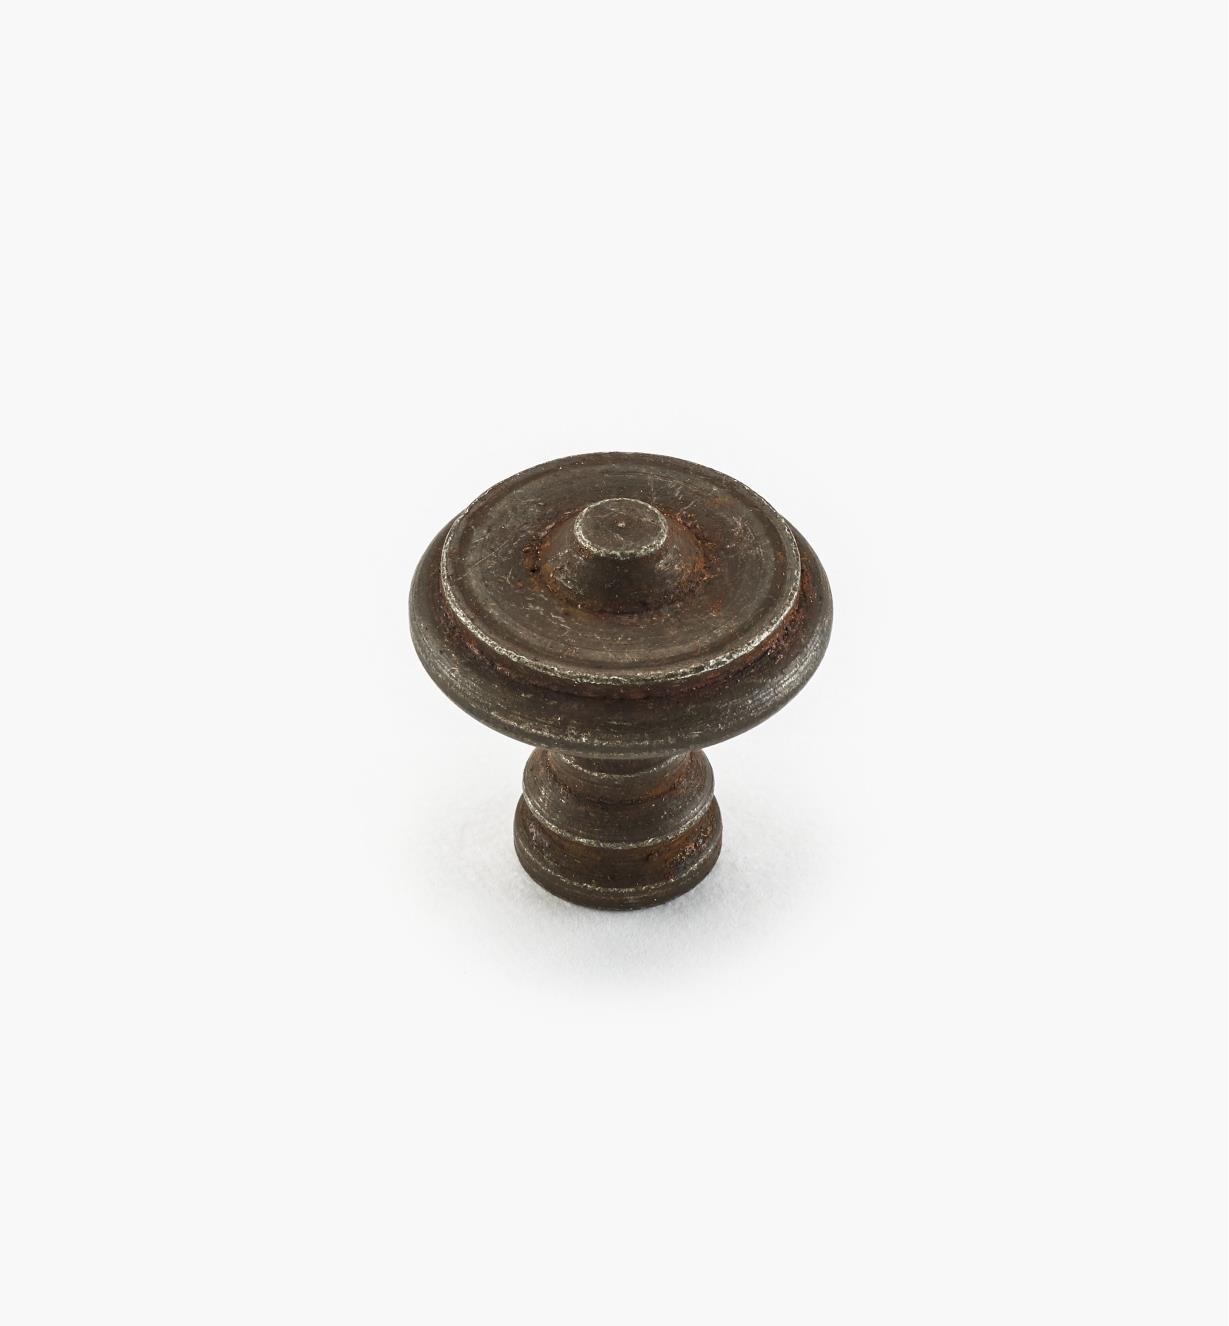 01A6052 - 25mm × 25mm Knob